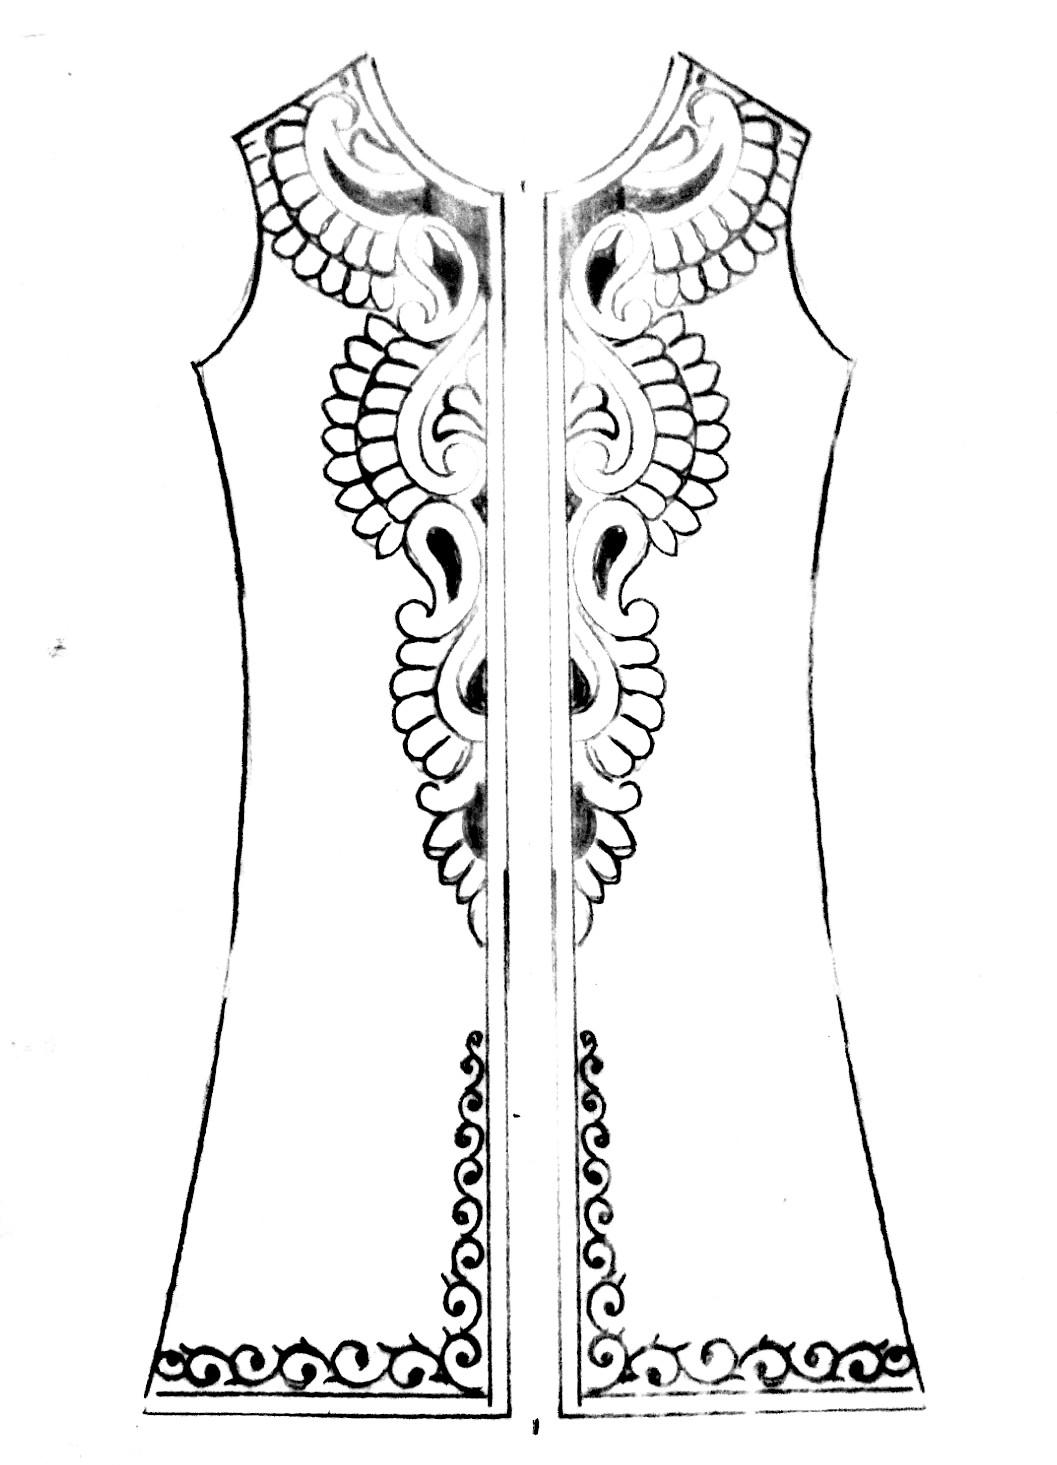 Latest design sketch for gent's emroidery design/Panjabi designing images free download.